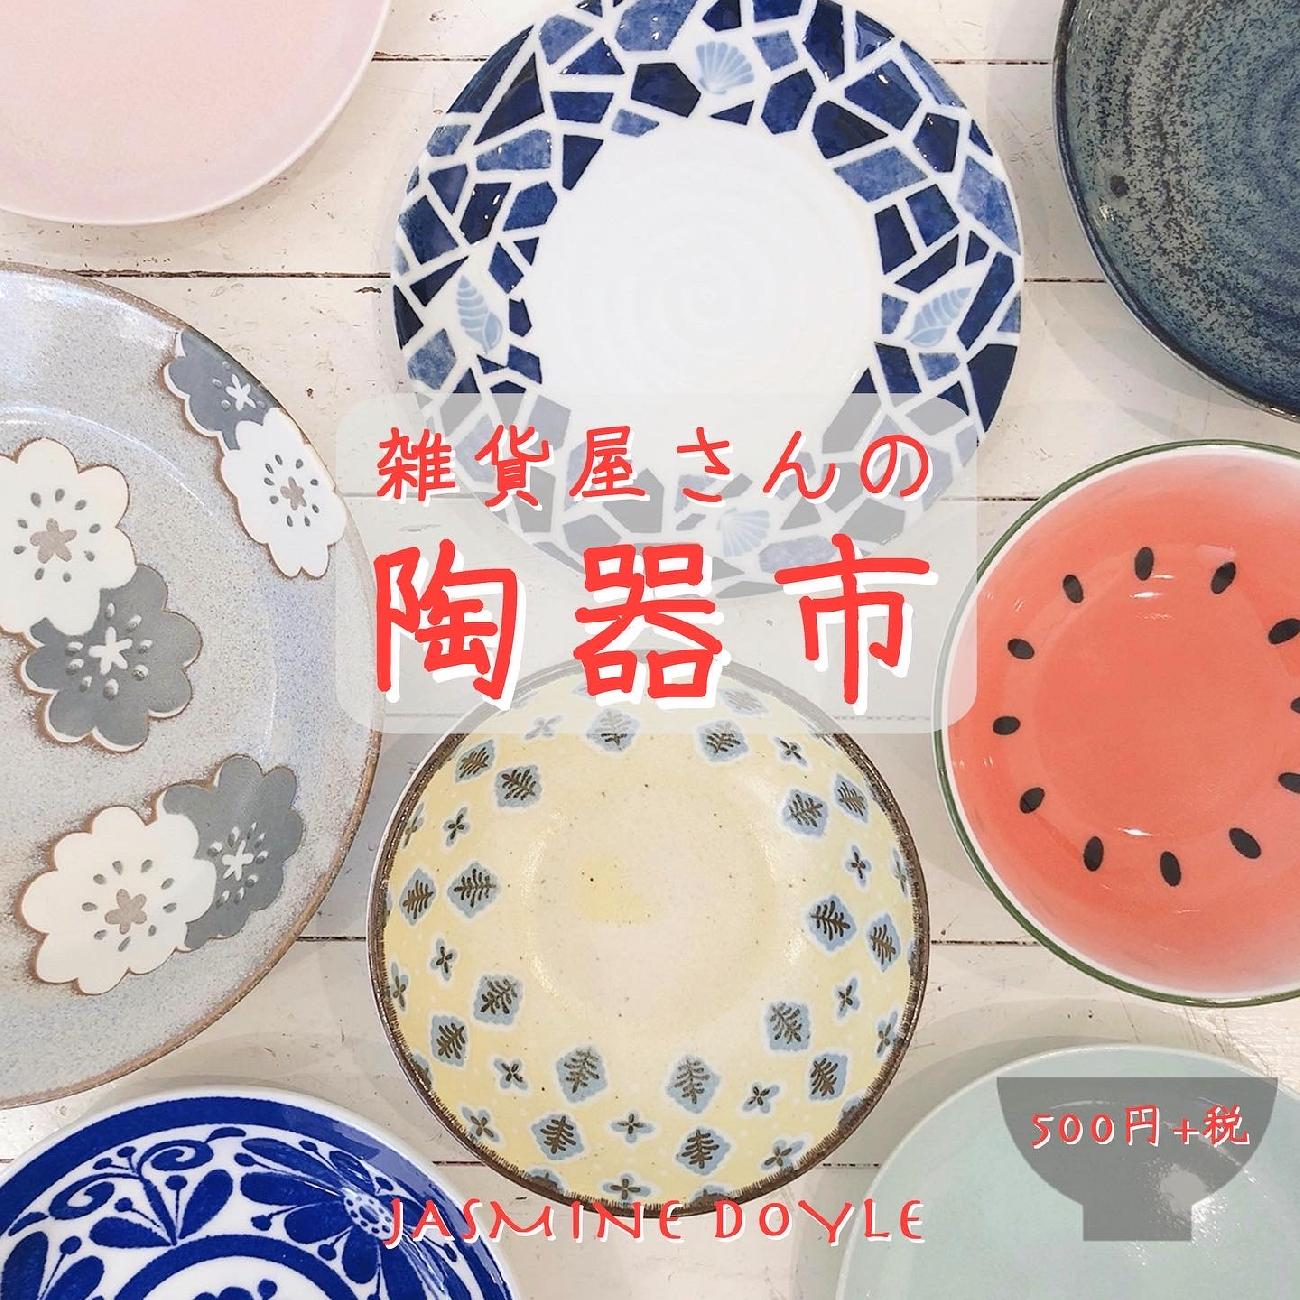 雑貨屋さんの陶器市